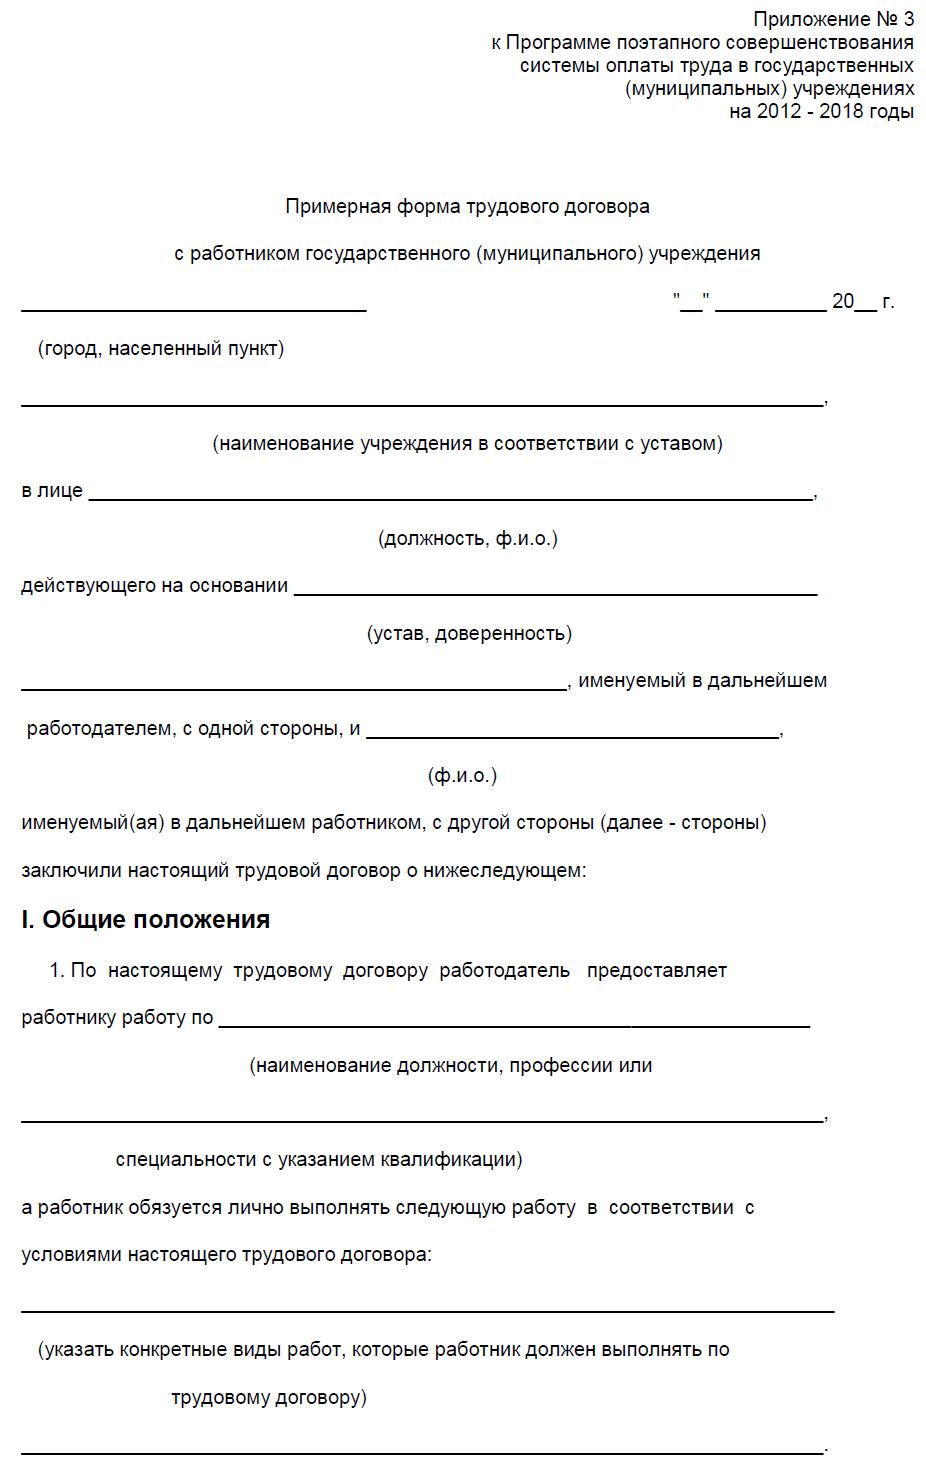 Приказ на разработку шаблона договора в организации